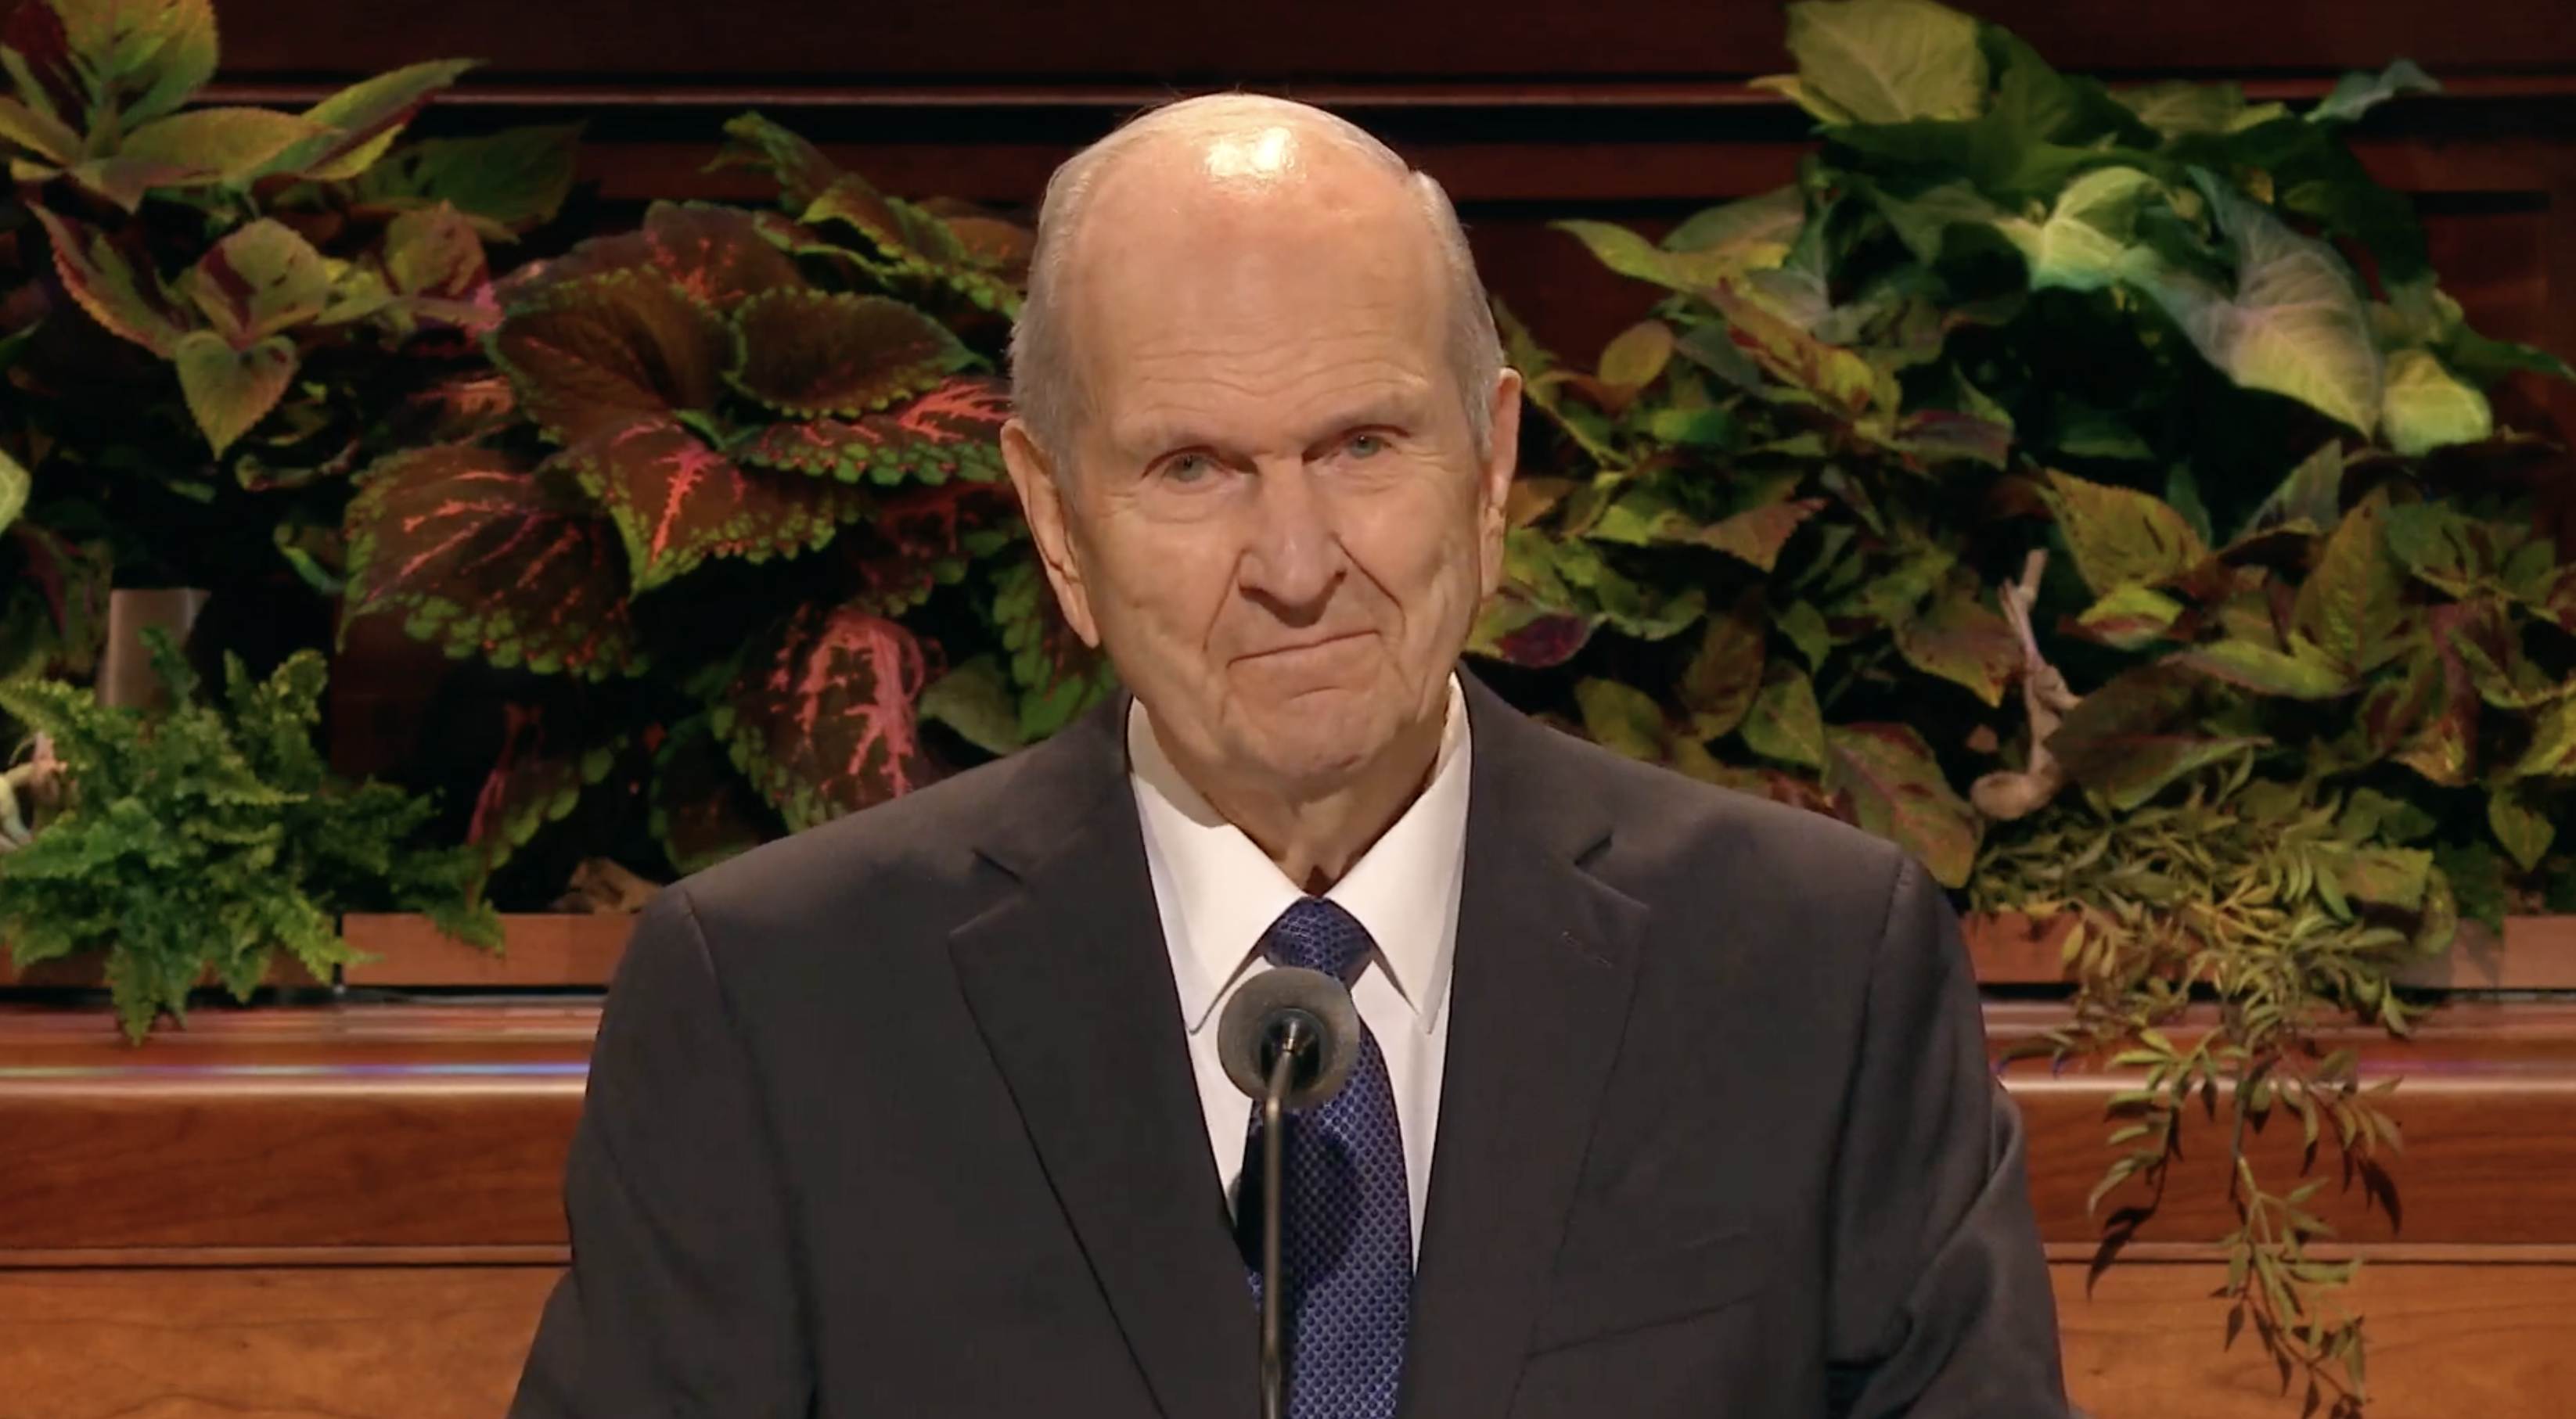 Presidente Russell M. Nelson, presidente da Igreja, fala durante sessão da manhã de domingo da Conferência Geral Semestral de nº 189 da Igreja, no dia 6 de outubro, 2019.